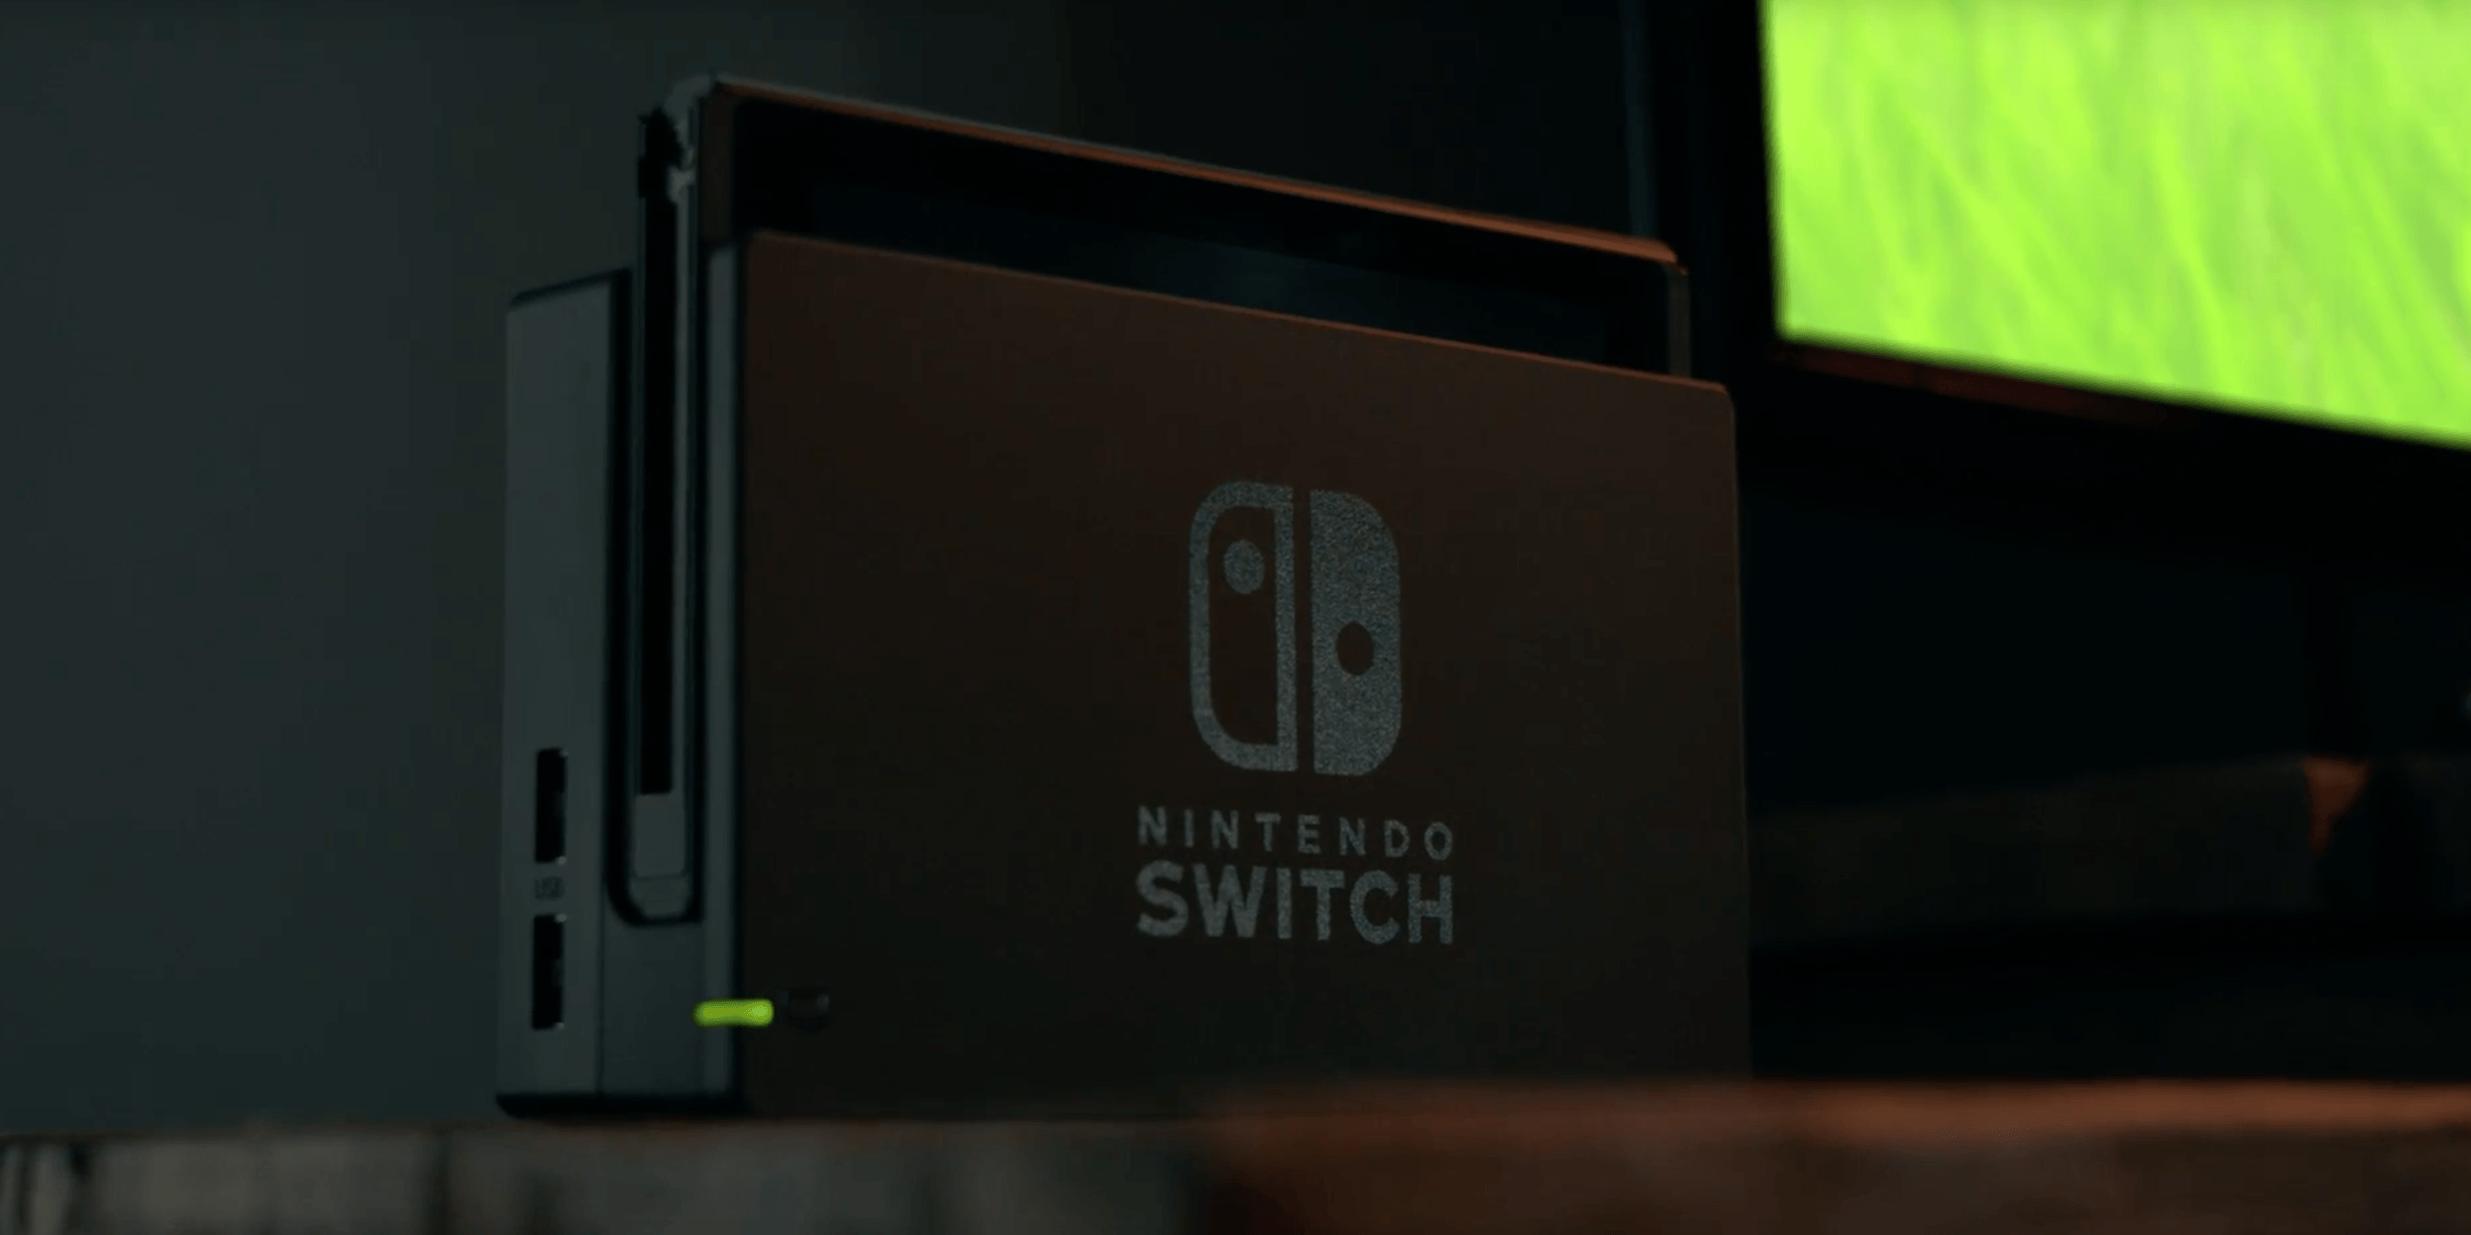 Prix, date de sortie, jeux de lancement, toutes les infos sur la Nintendo Switch